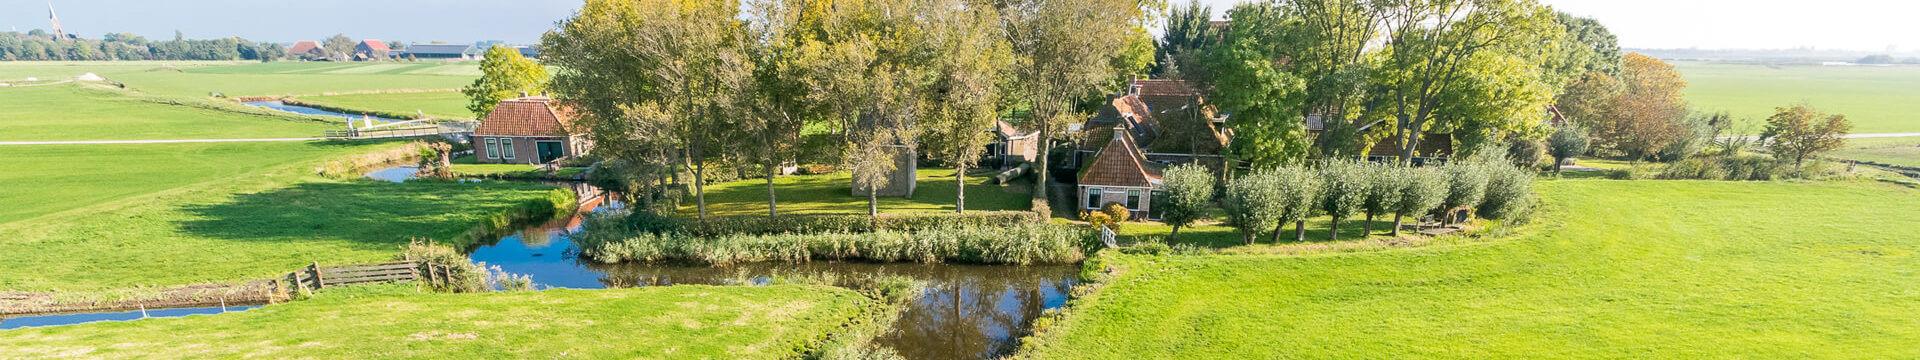 Werkgebied Friesland Mijn Buitenplaats Makelaardij